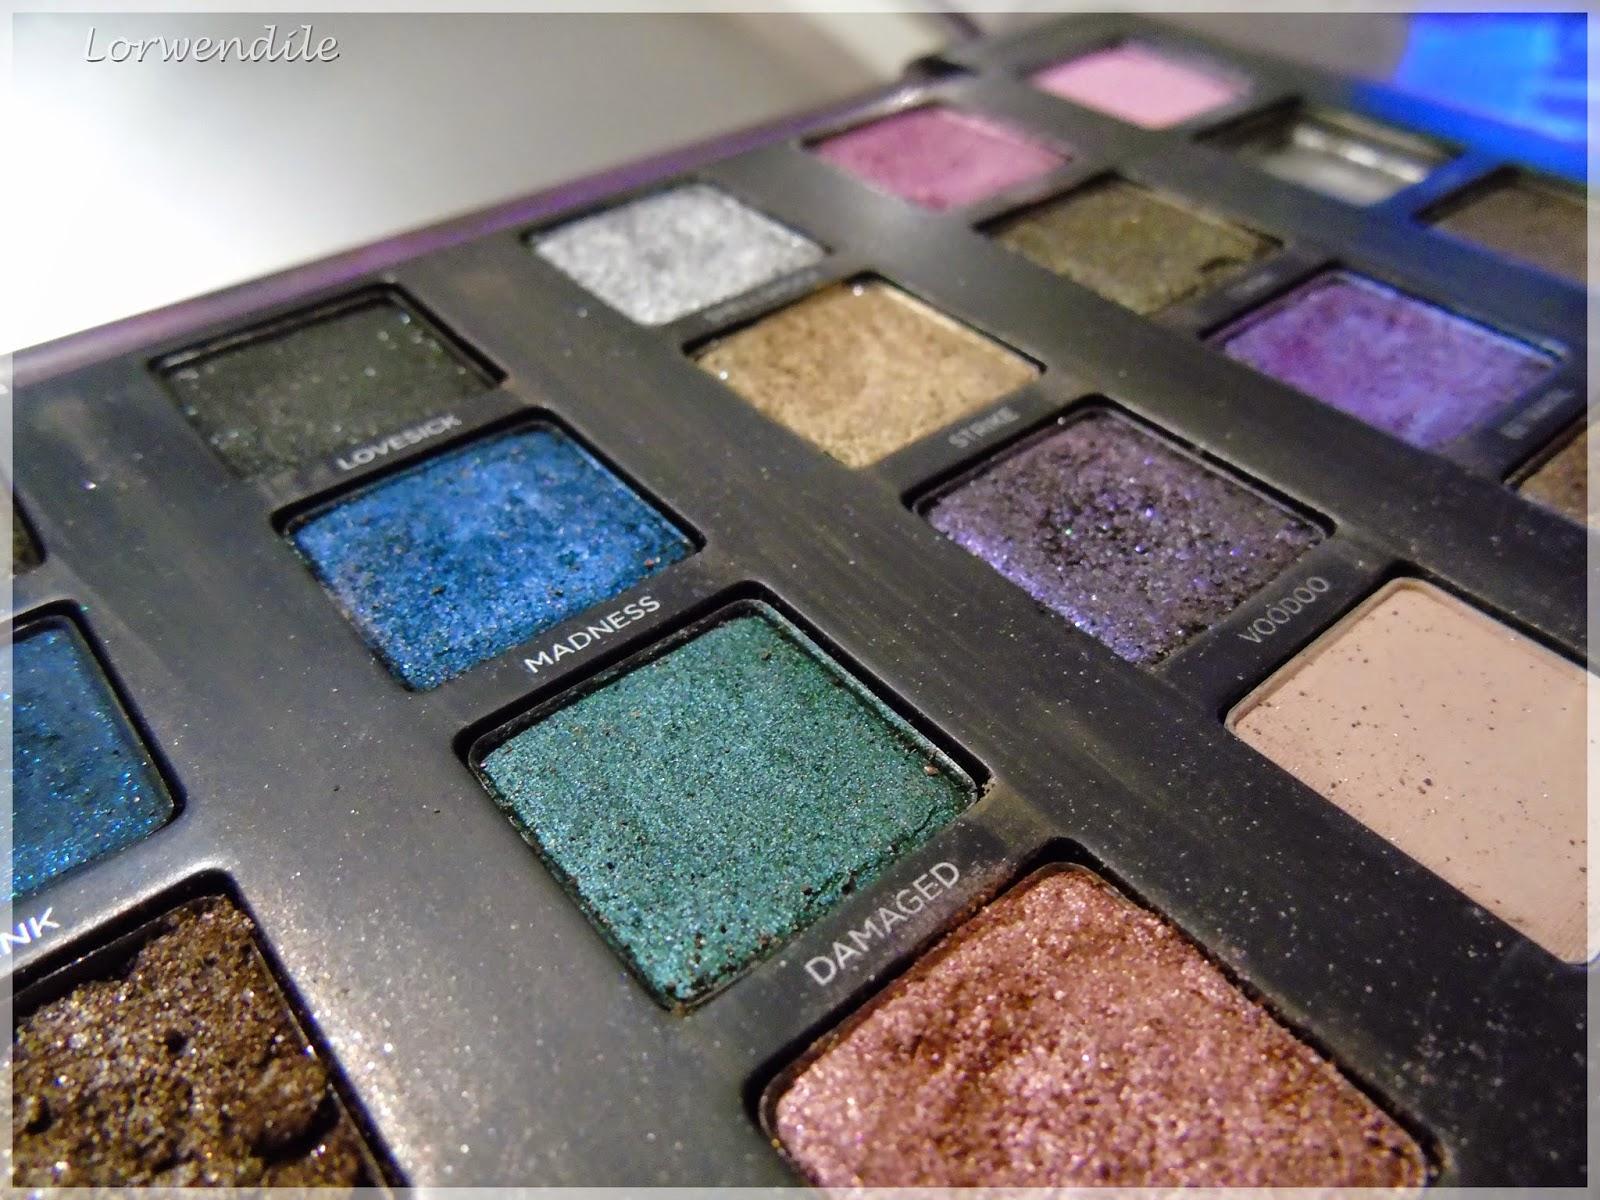 Palettes: Vice 2